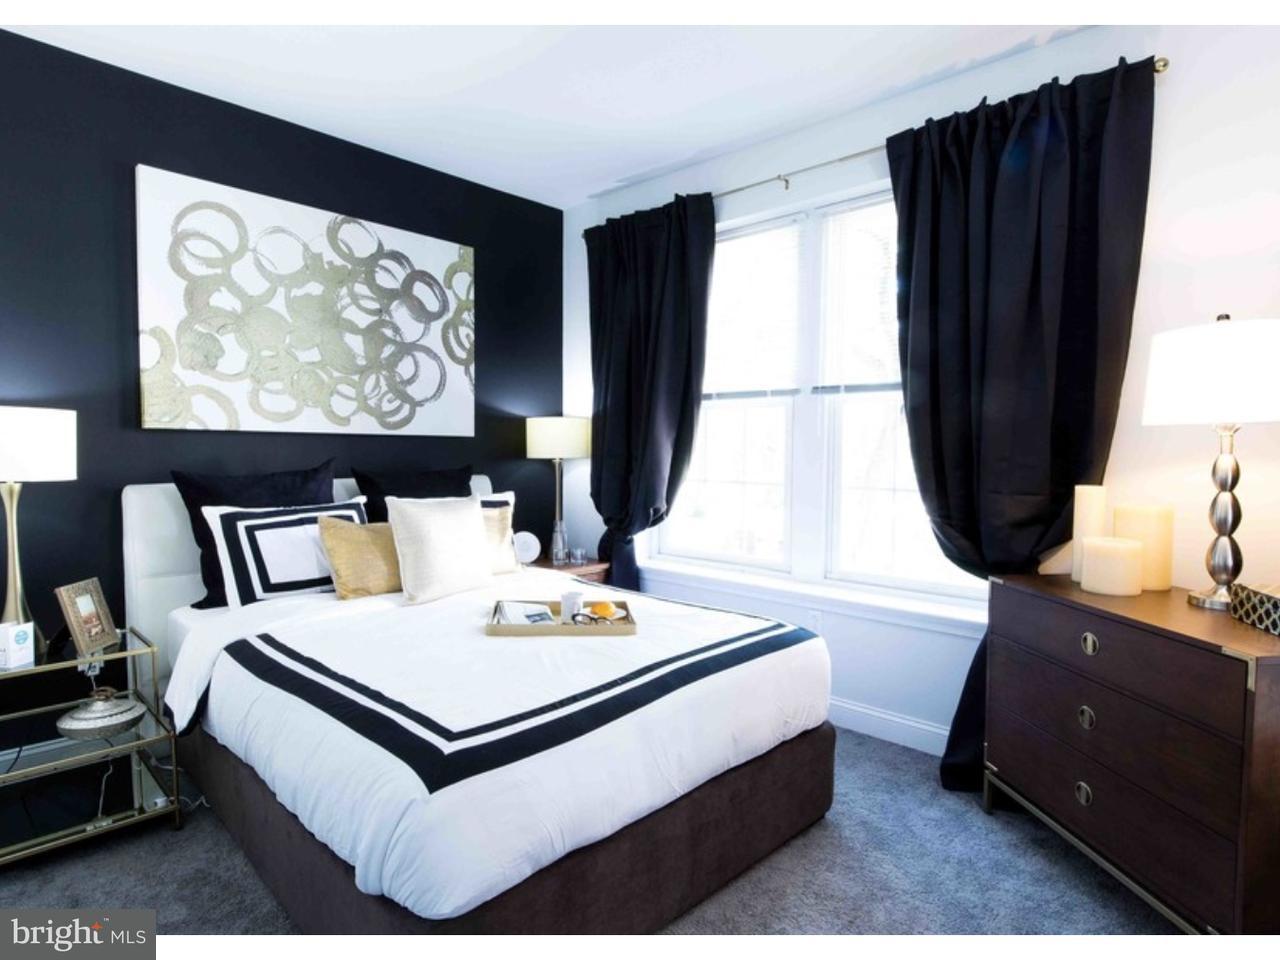 独户住宅 为 出租 在 18 E LANCASTER AVE #1 BED Wynnewood, 宾夕法尼亚州 19096 美国